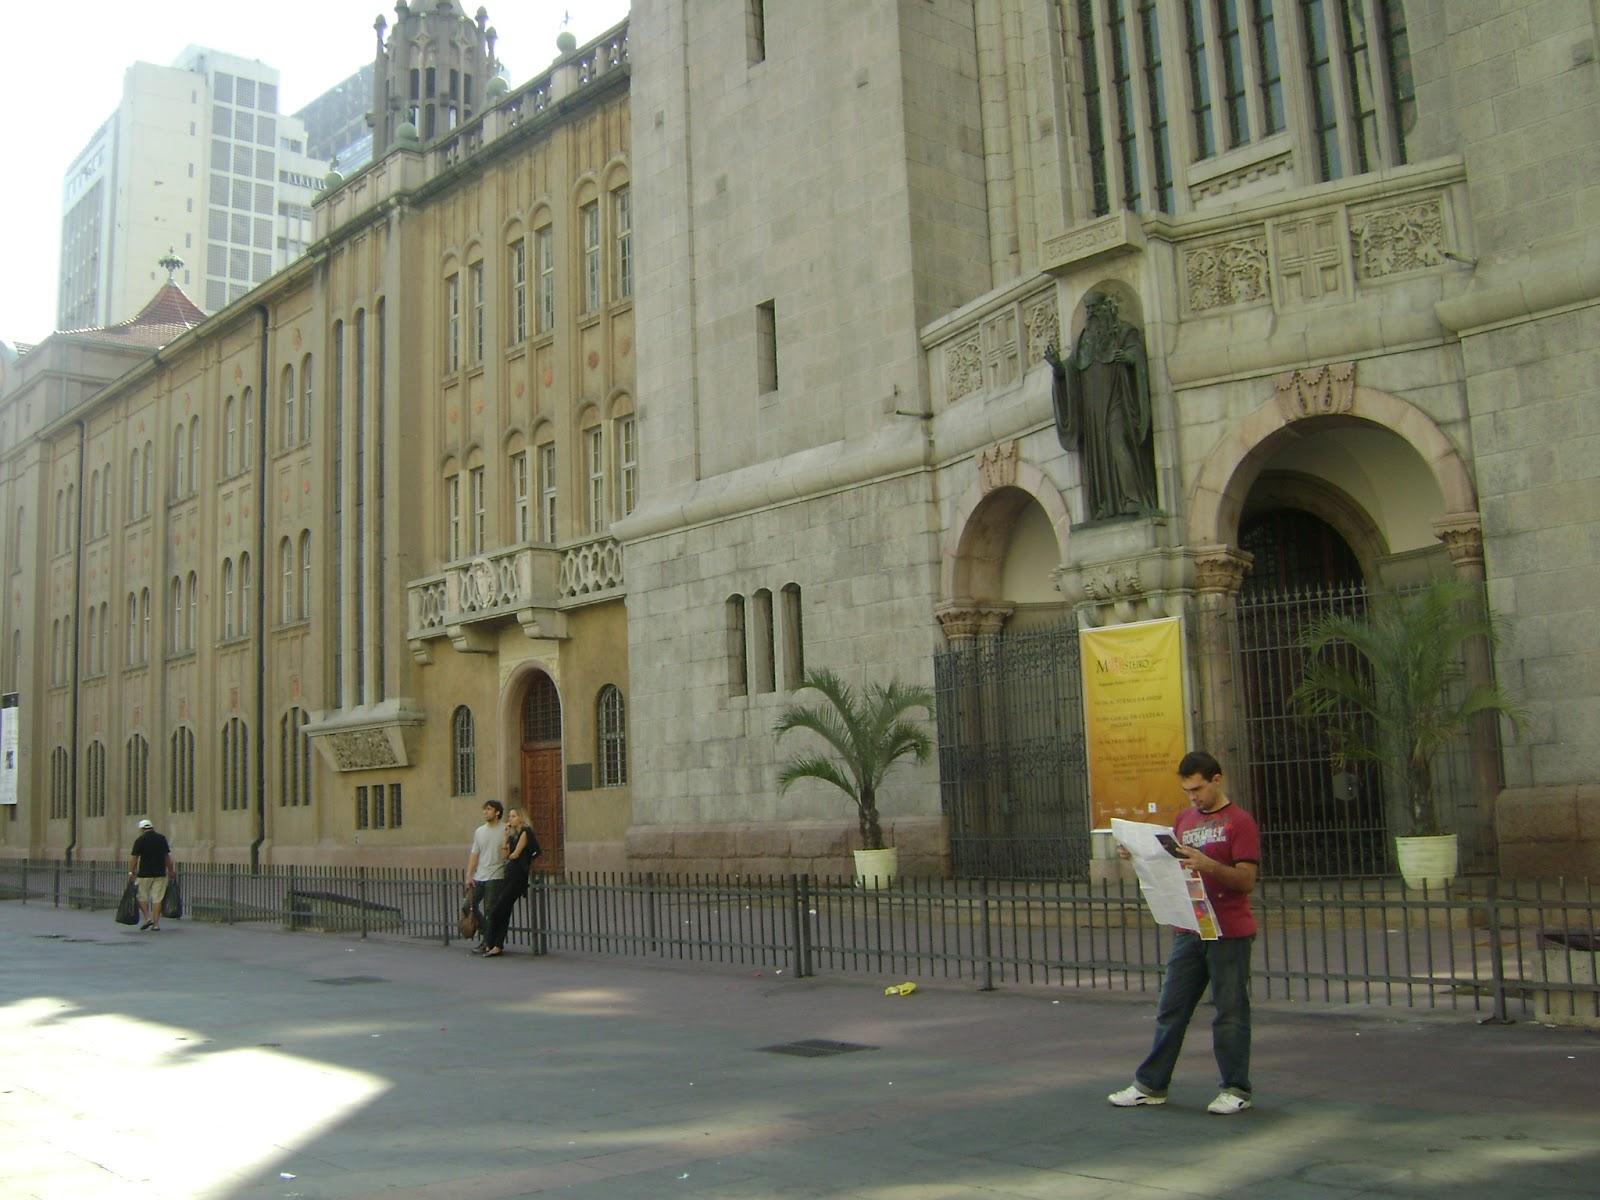 95fe7f43a A partir da estação de metrô da Luz, pode-se ir à Sala São Paulo. A atual  sede da Orquestr Sinfônica de Sâo Paulo foi construída para ser uma grande  estação ...